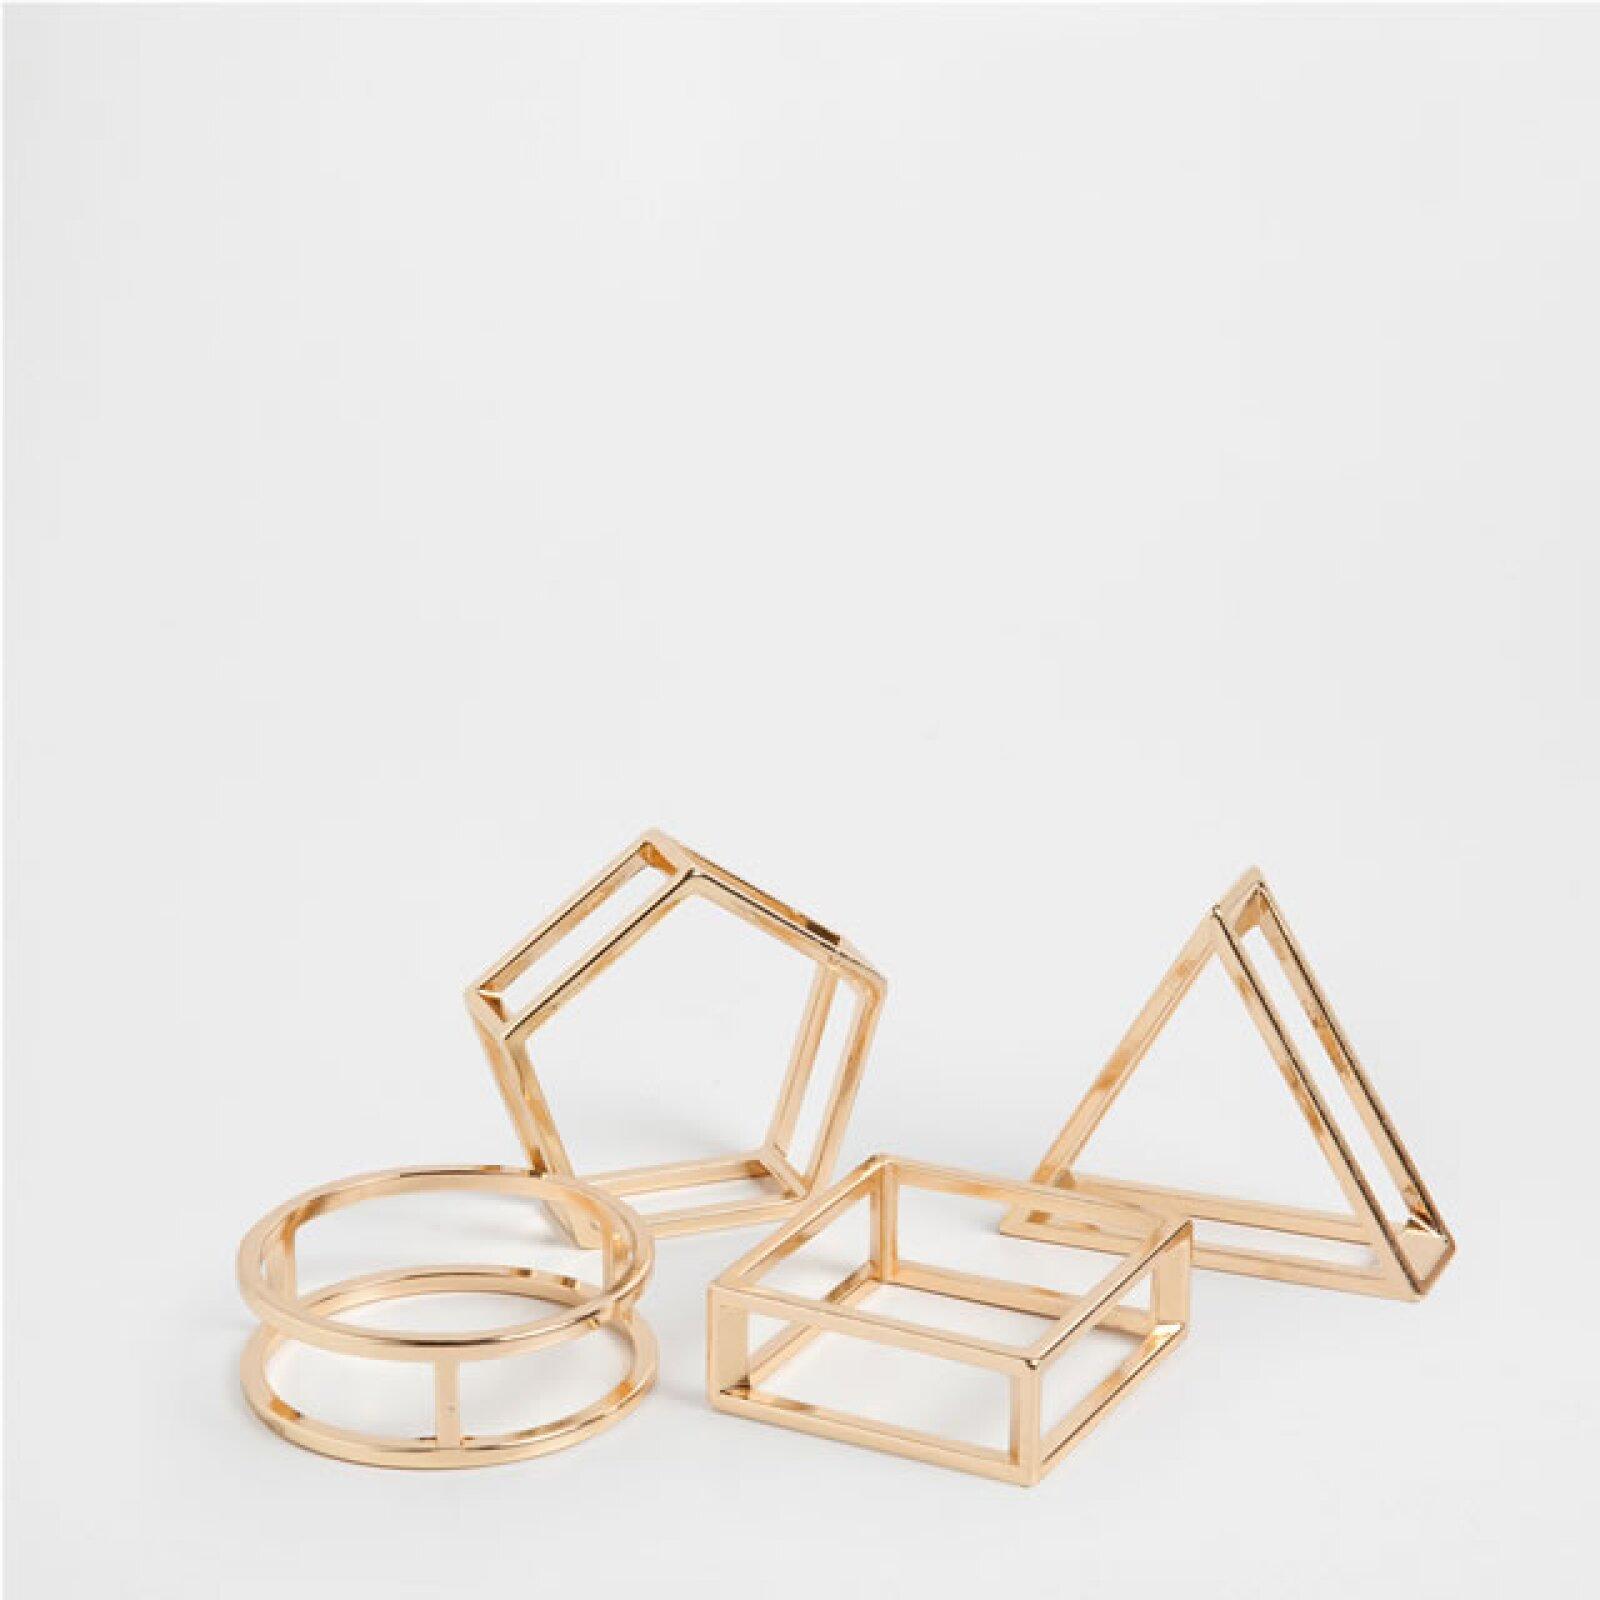 No te tienes que apegar a piezas clásicas, experimenta con estos servilleteros geométricos. 299 Pesos, Zara Home Santa Fe.